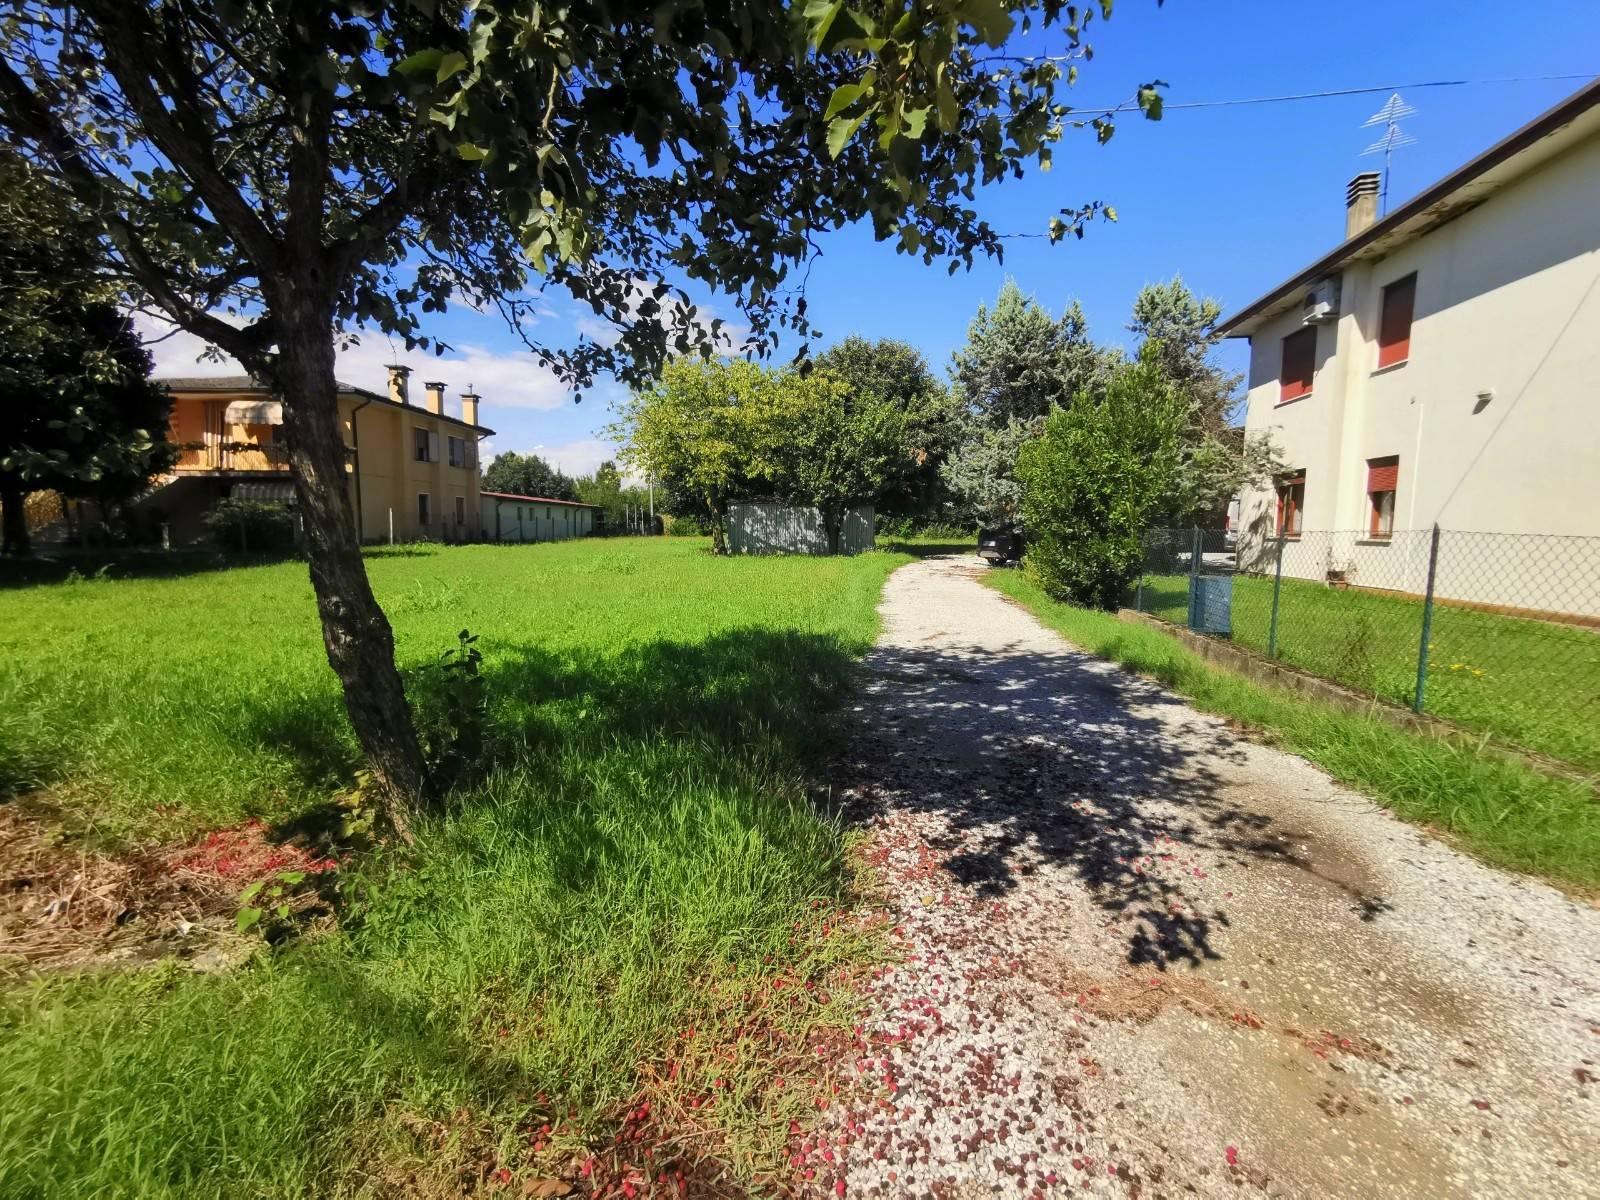 Villa Bifamiliare in vendita a Campo San Martino, 6 locali, zona Località: BUSIAGOVECCHIO, prezzo € 205.000 | CambioCasa.it